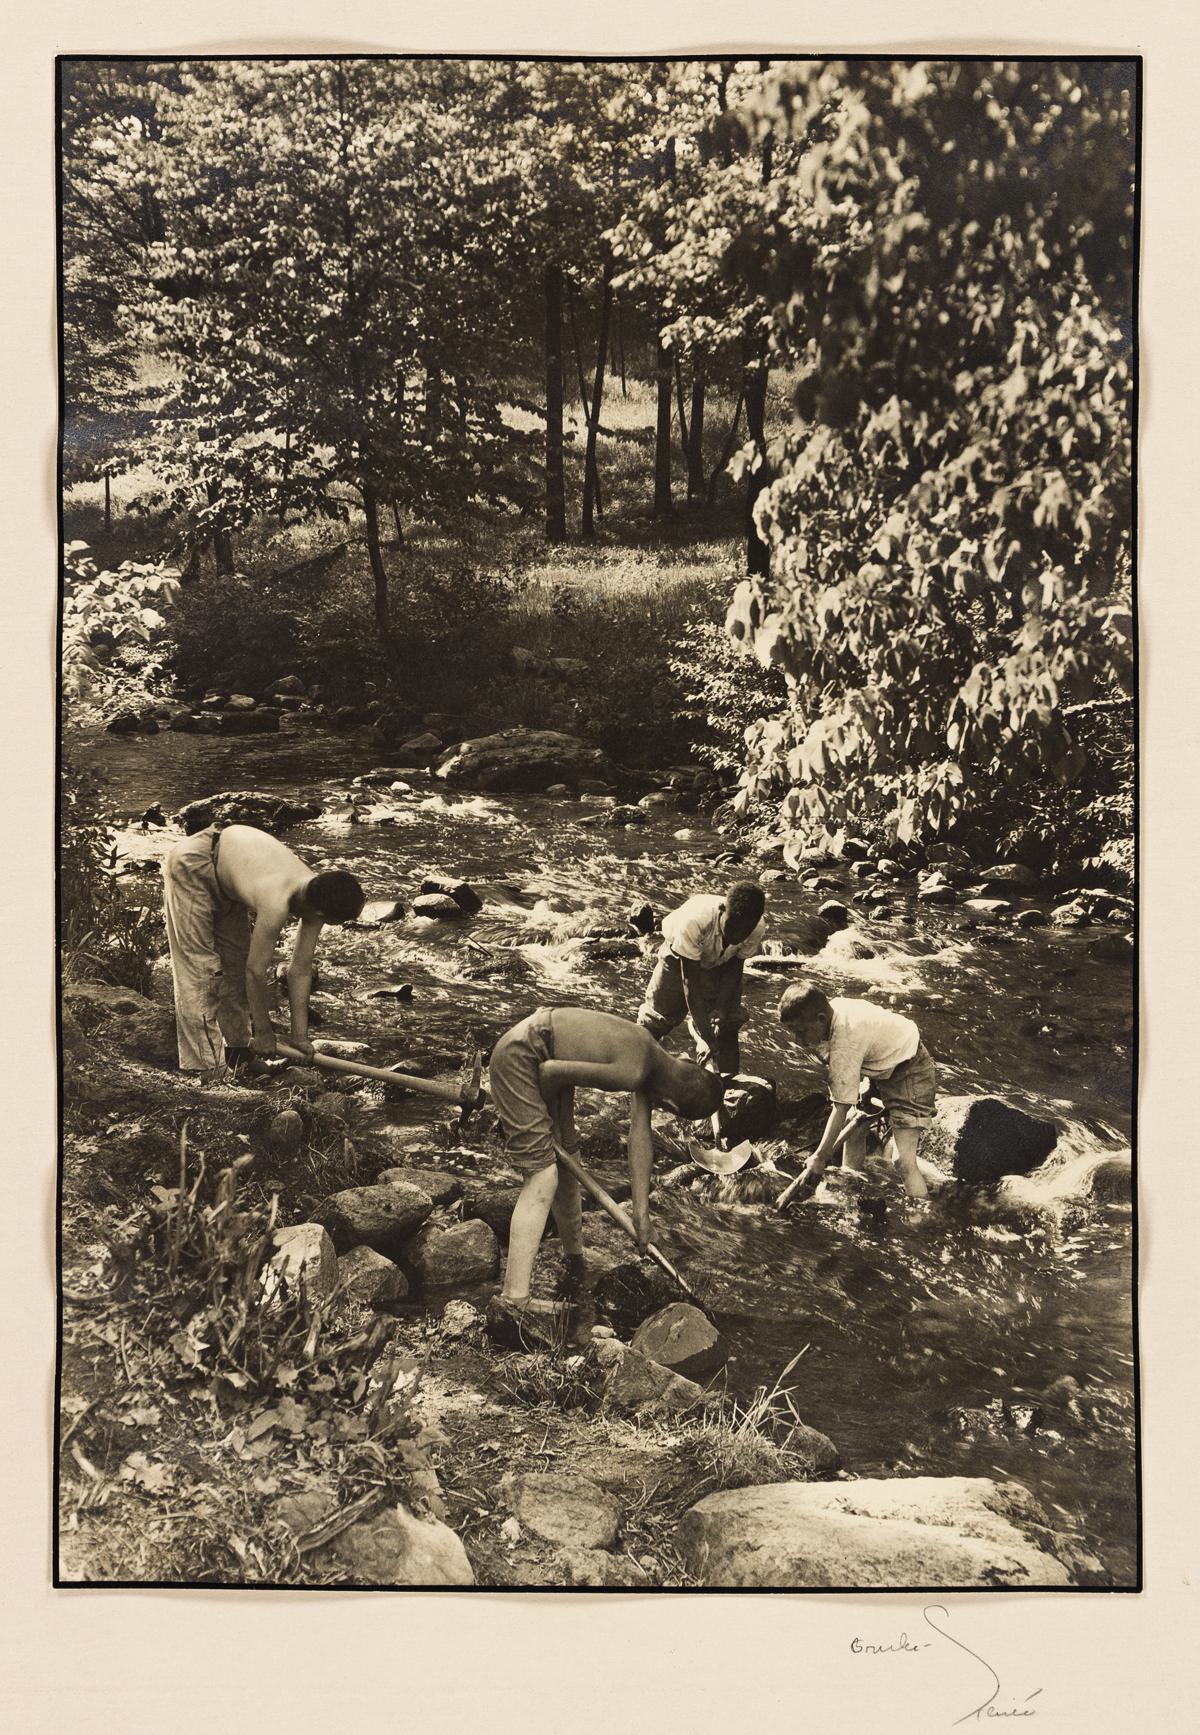 MARGARET BOURKE-WHITE (1904-1971) Group of 4 vintage prints from Letchworth Village.